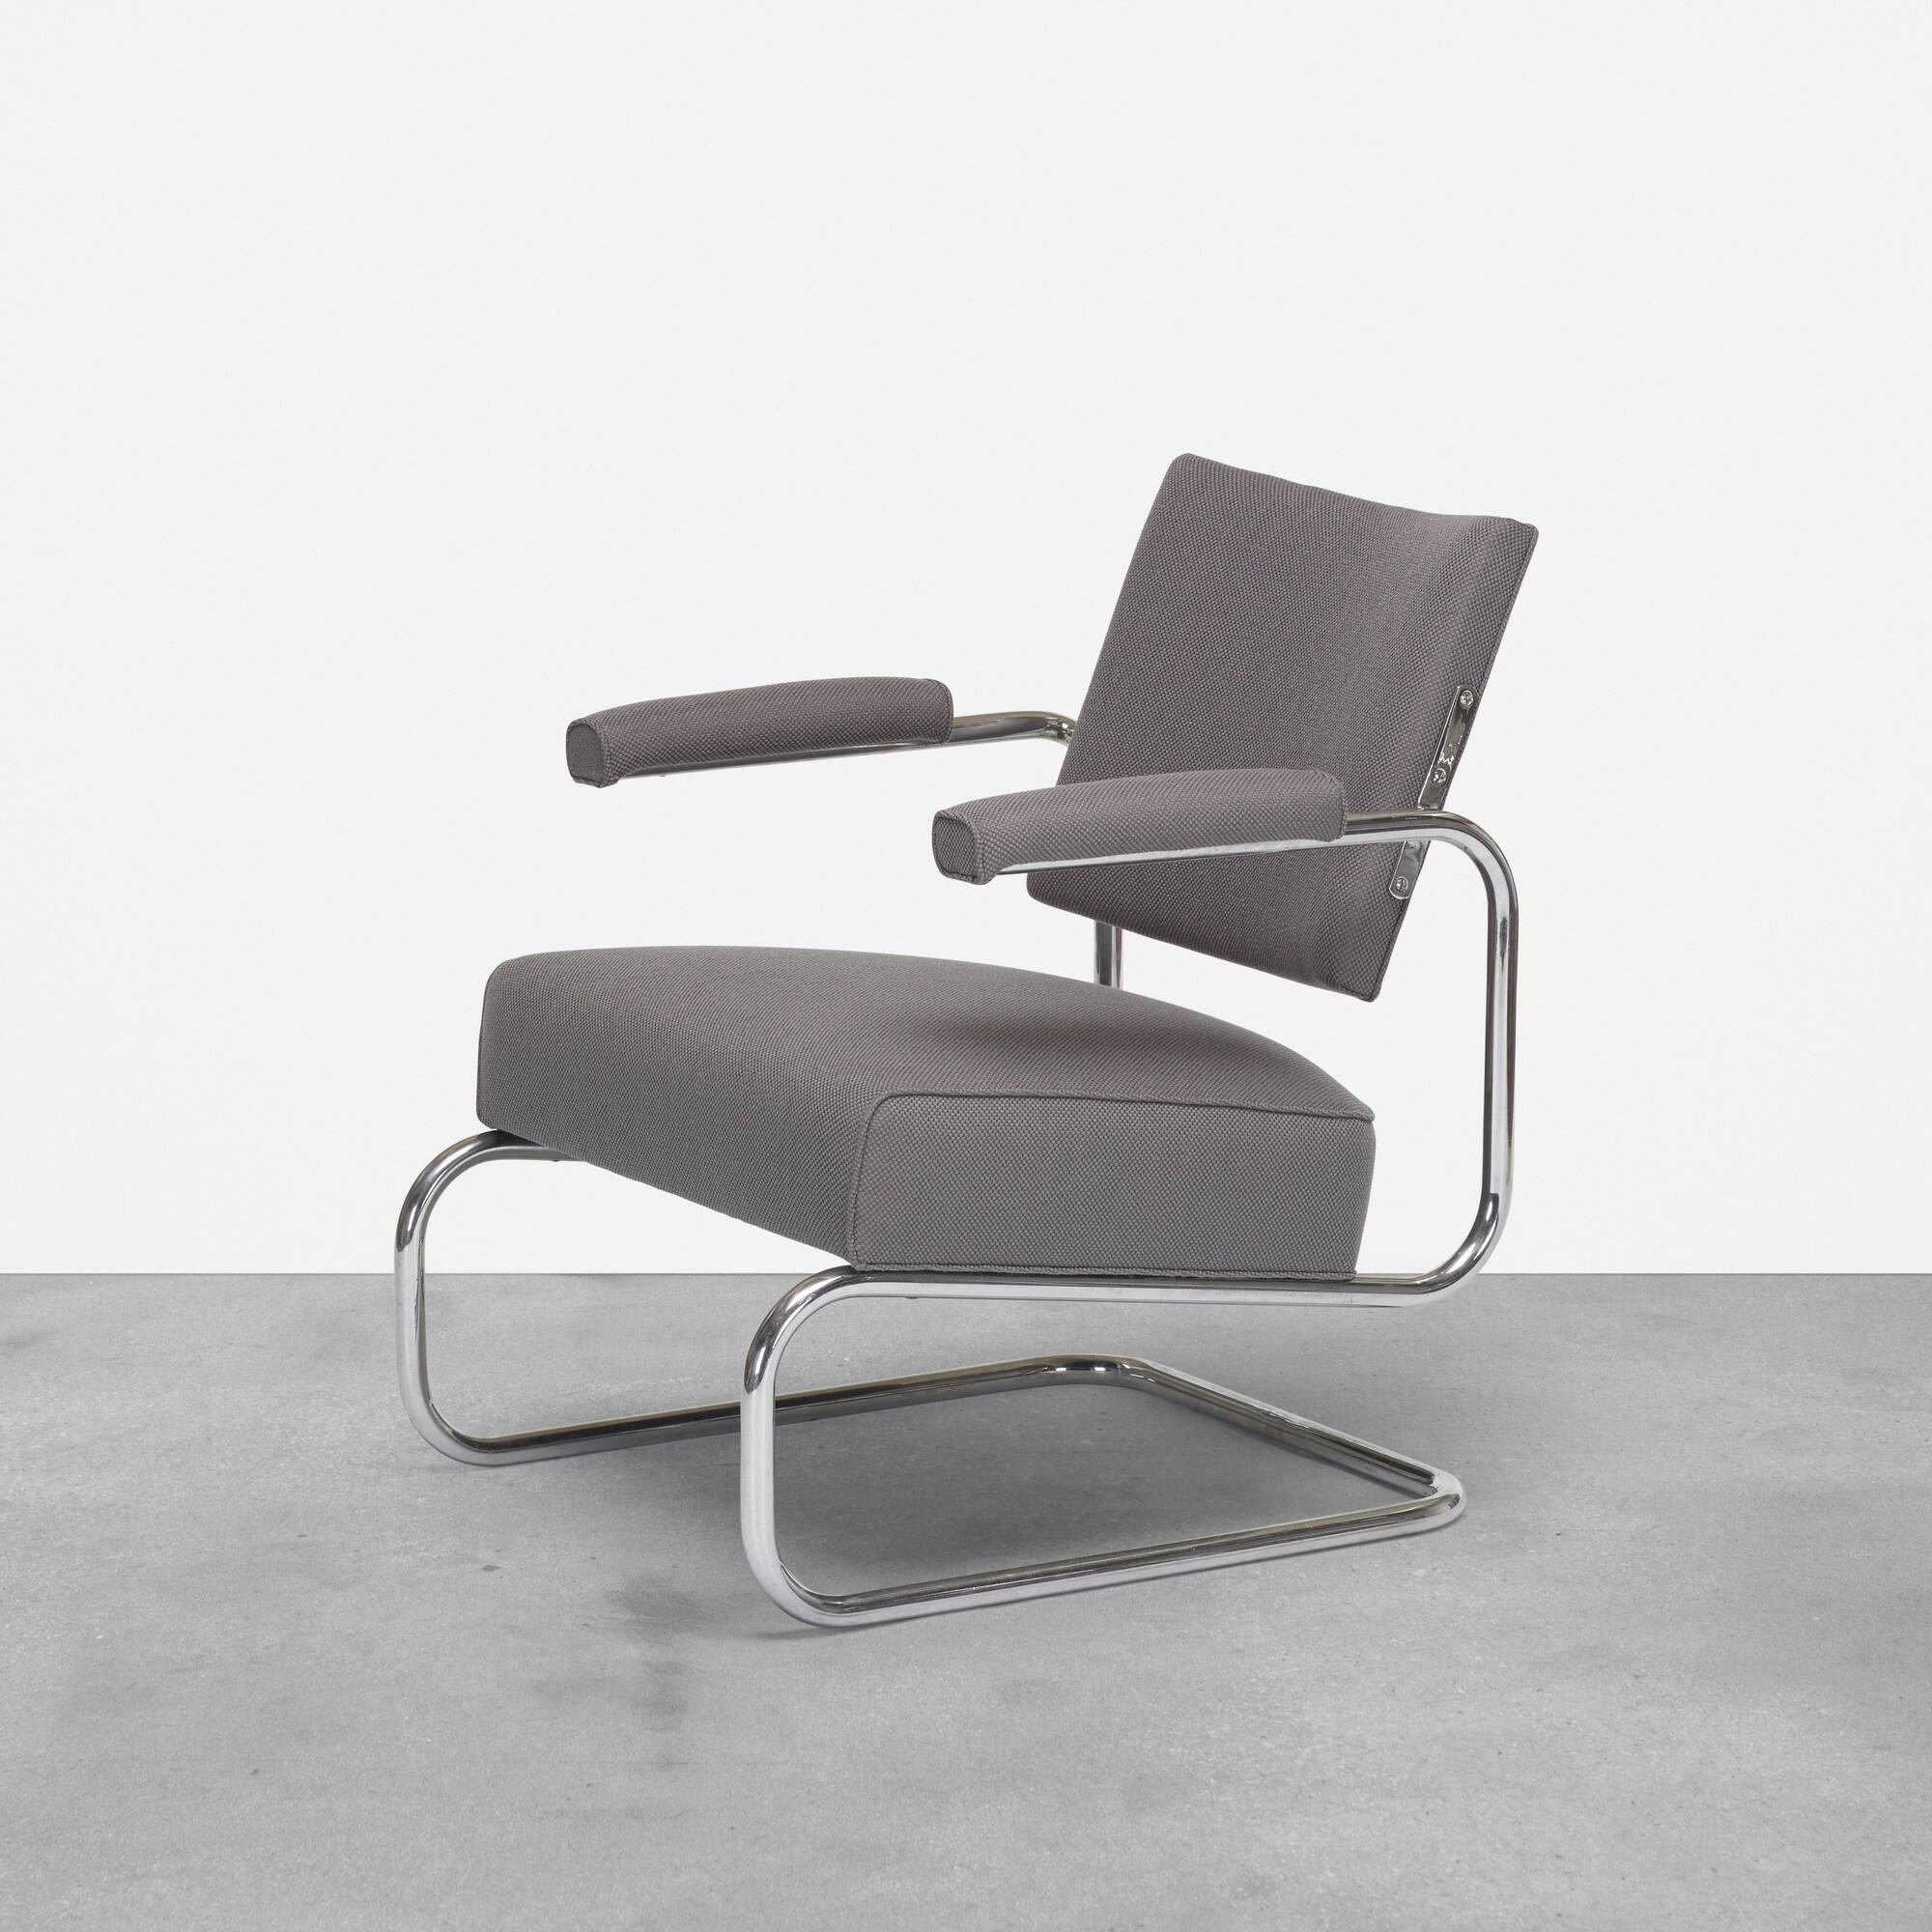 266: Gilbert Rohde / rare armchair (1 of 3)